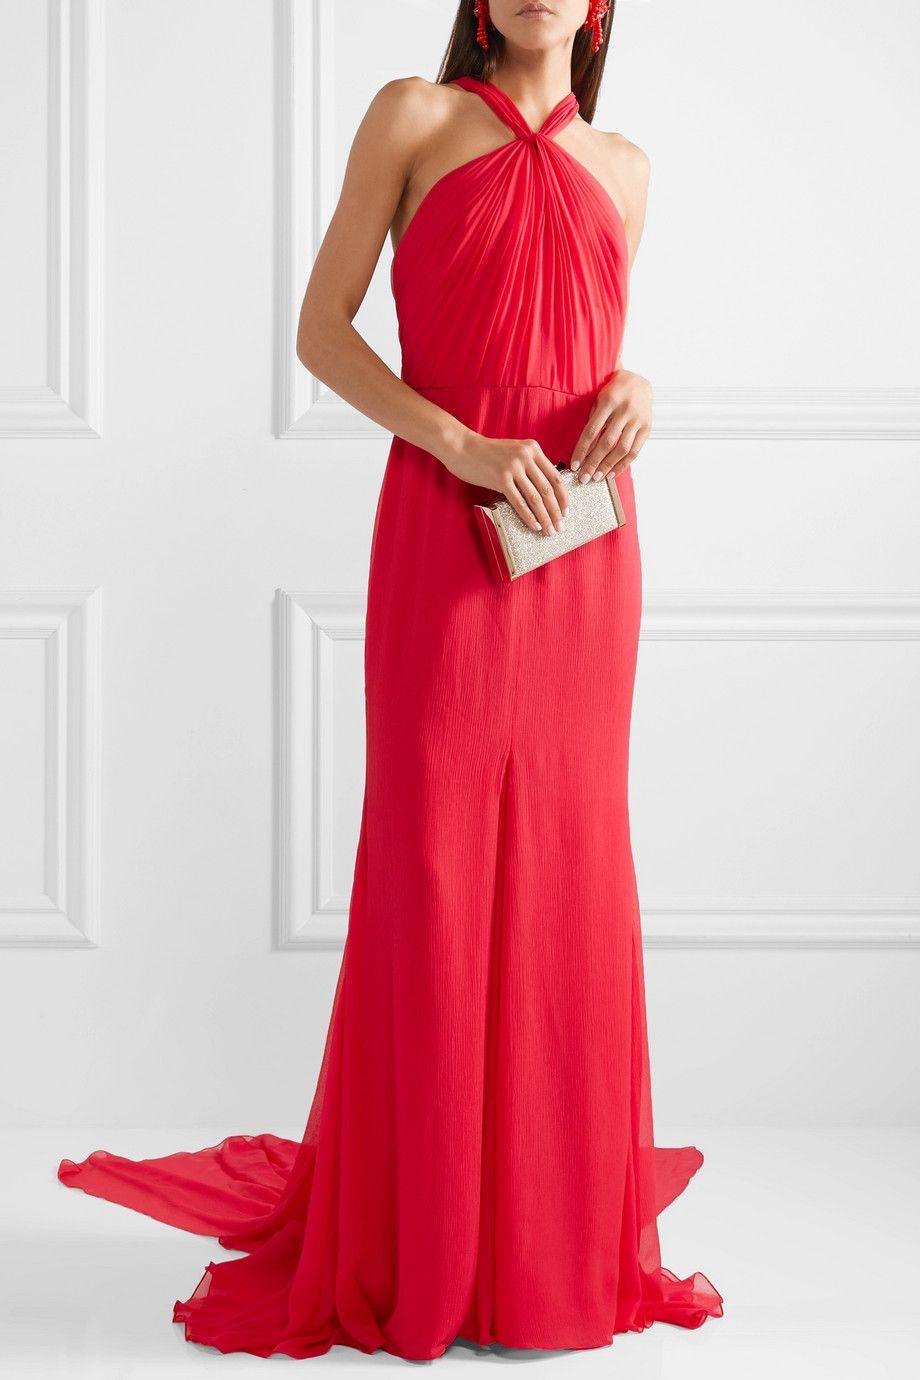 Outlet Largest Supplier Draped Silk-crepon Halterneck Gown - Red Oscar De La Renta Shop For Online Cheap Sale Wiki Discount Clearance Store Sale Get Authentic ZyiLbcC1Q